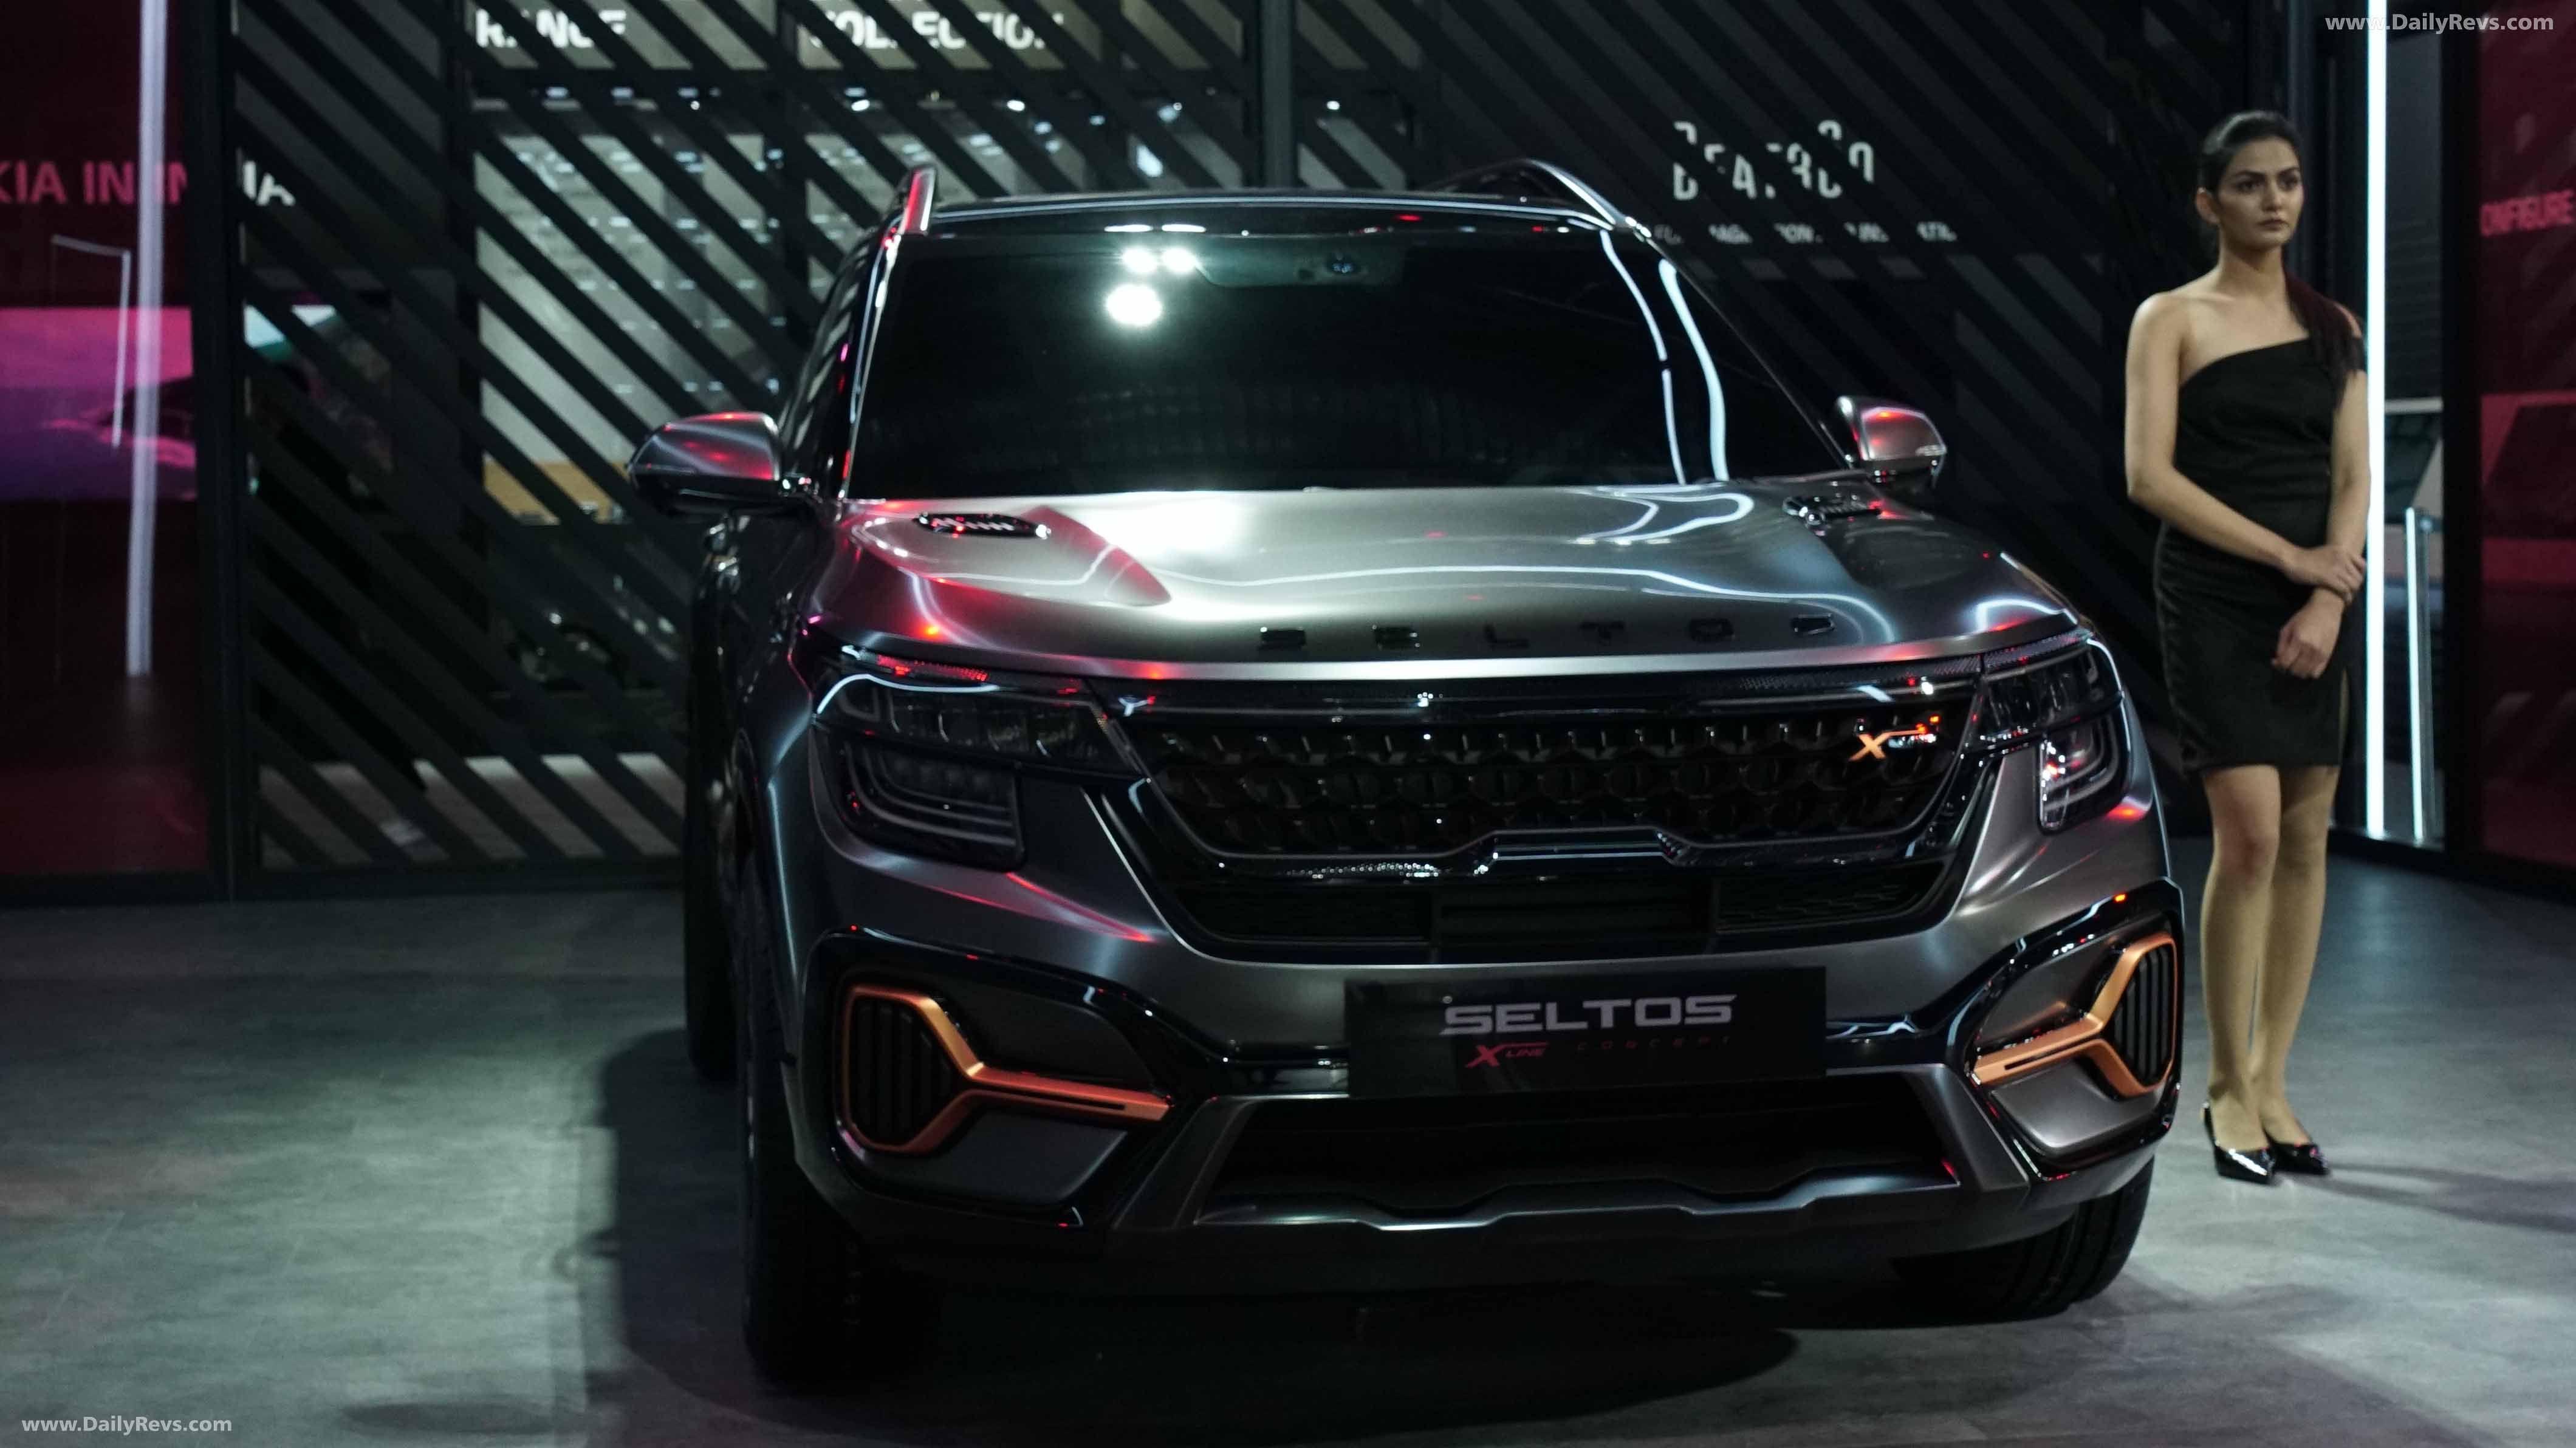 2020 Kia Seltos X Line Dailyrevs In 2020 Kia Kia Motors Compact Suv